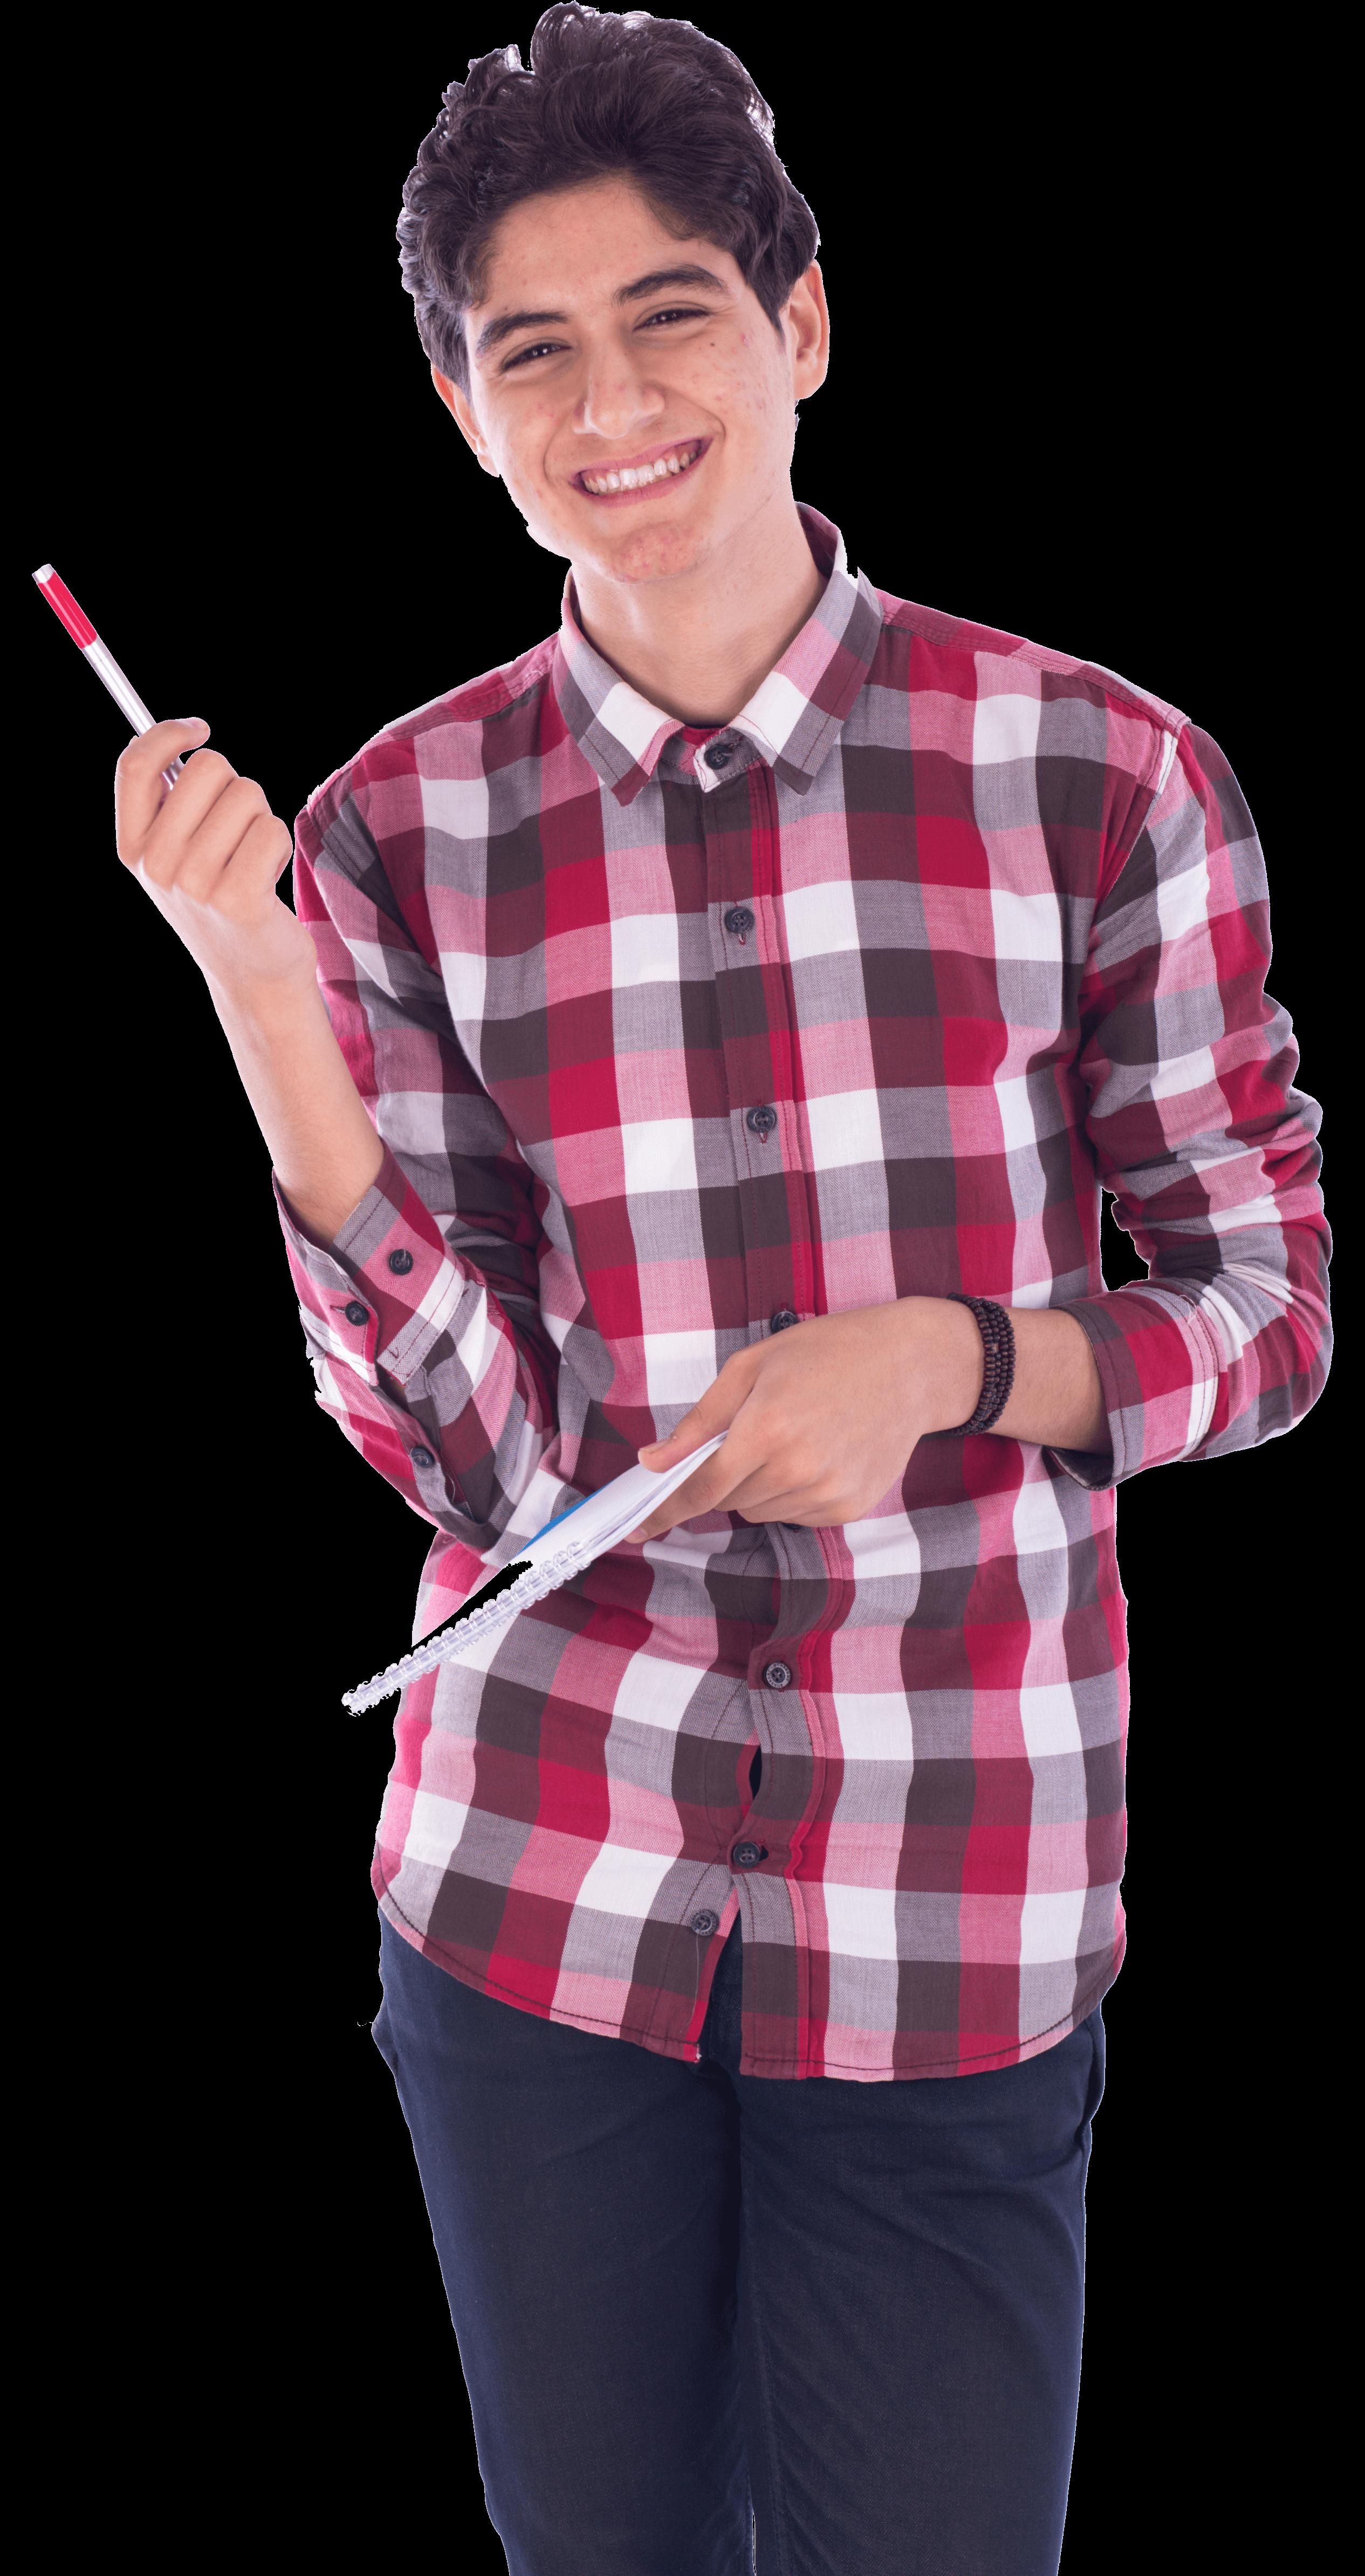 הכל בראש -student-holding-notebook-and-pen